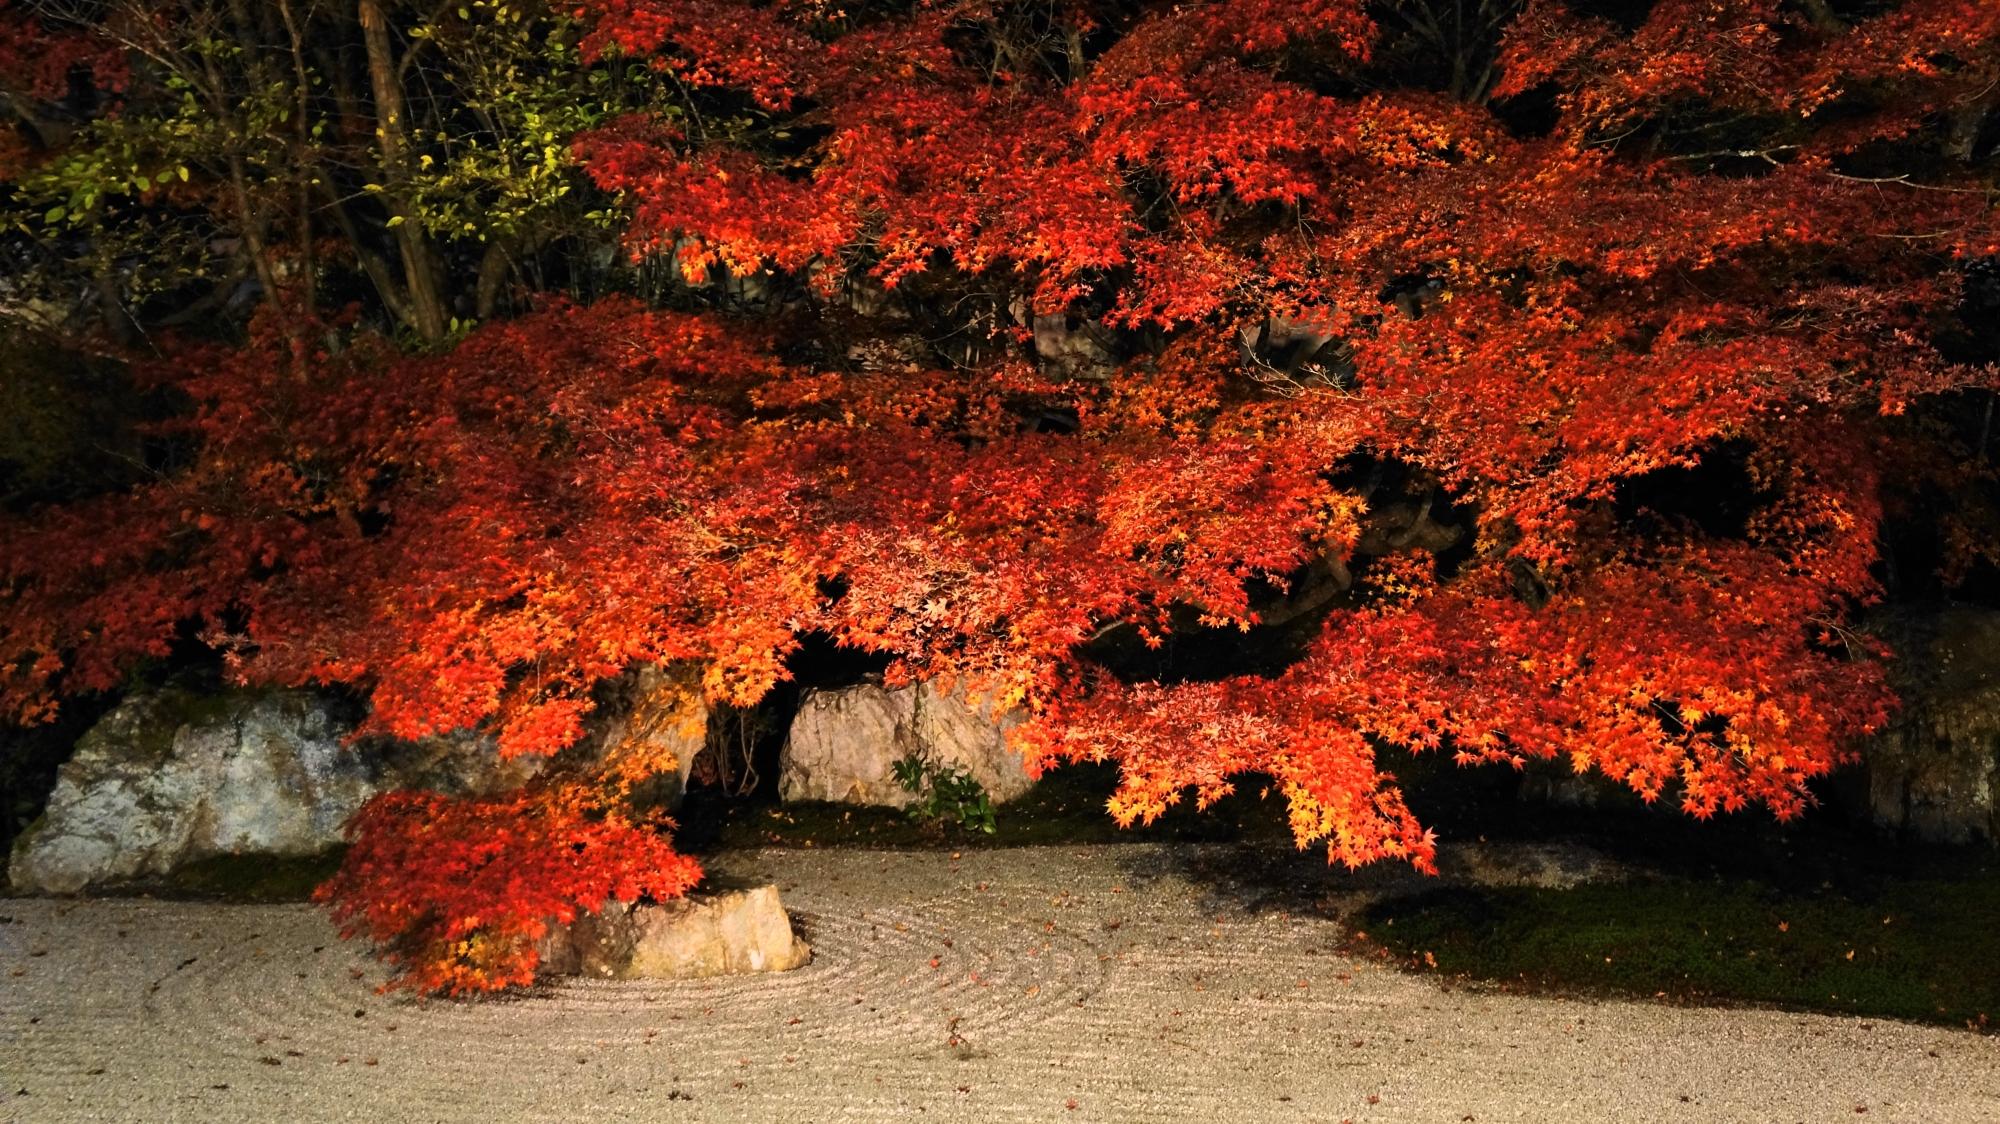 ライトアップされた白砂を真っ赤に染める鮮やかな紅葉